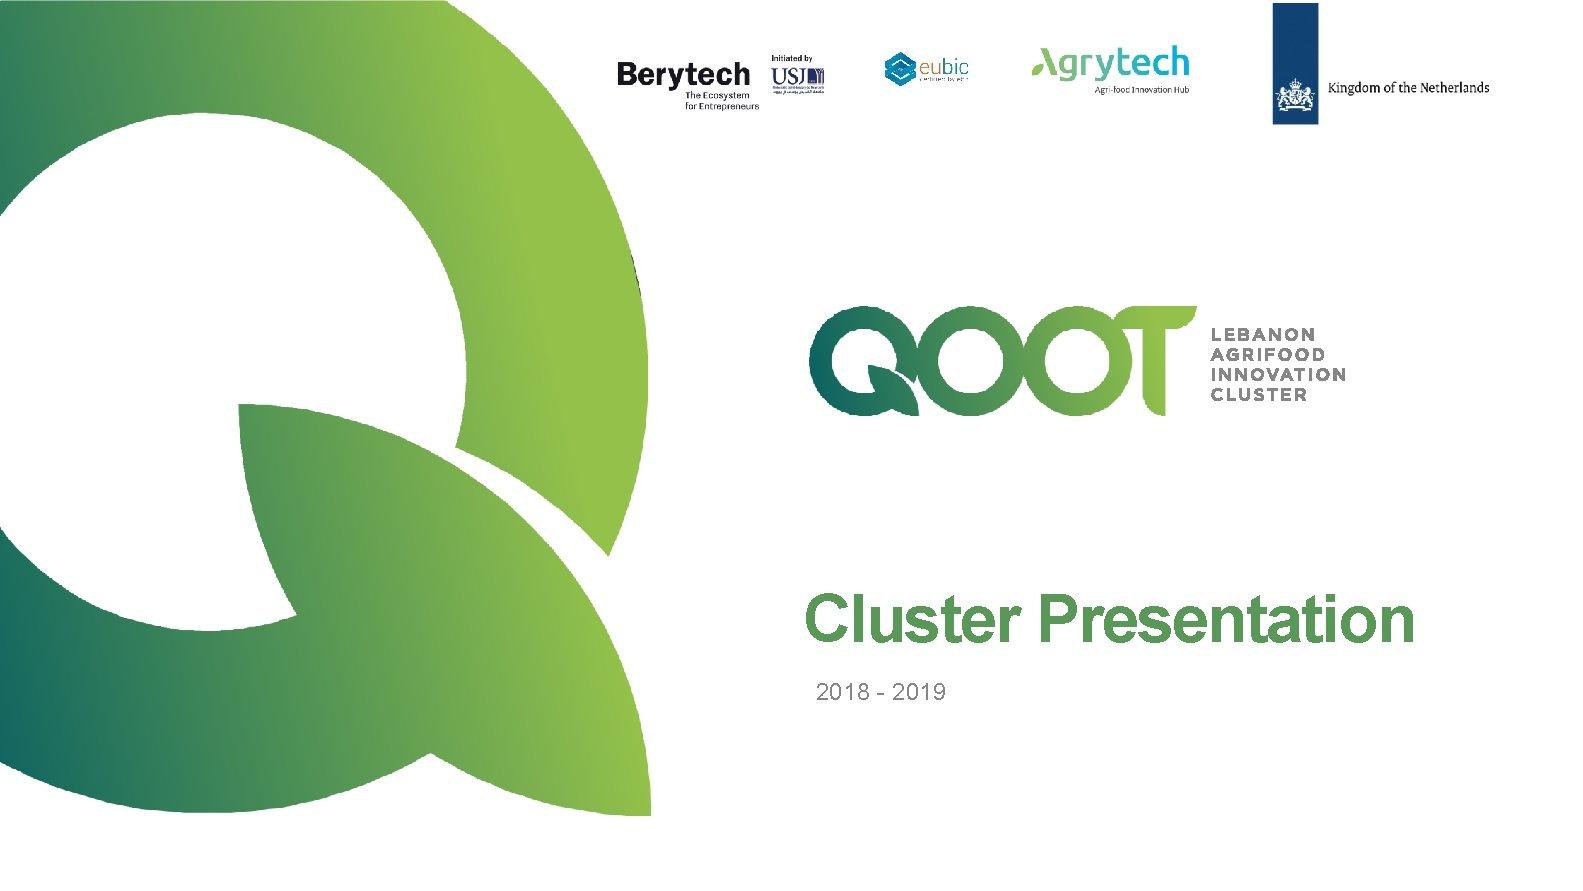 Cluster Presentation 2018 - 2019